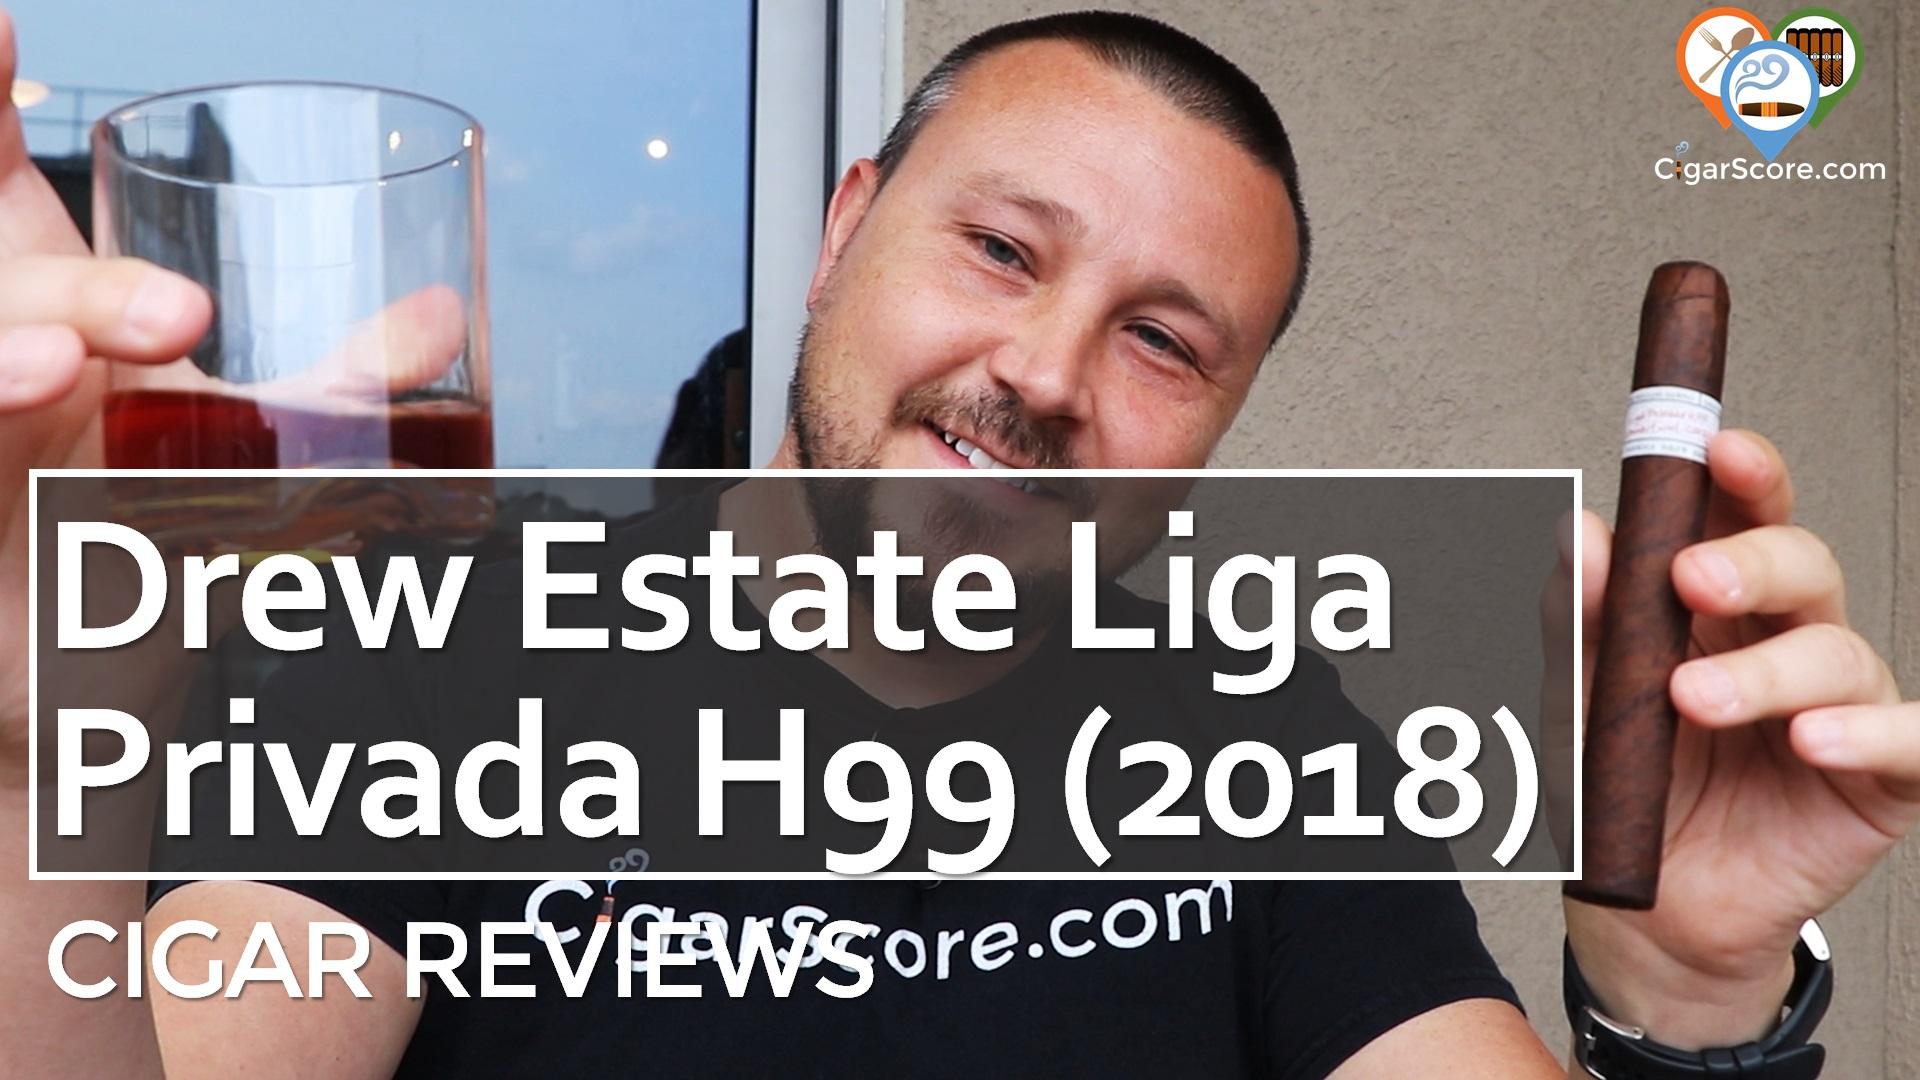 Cigar Review - Drew Estate Liga Privada H99 2018